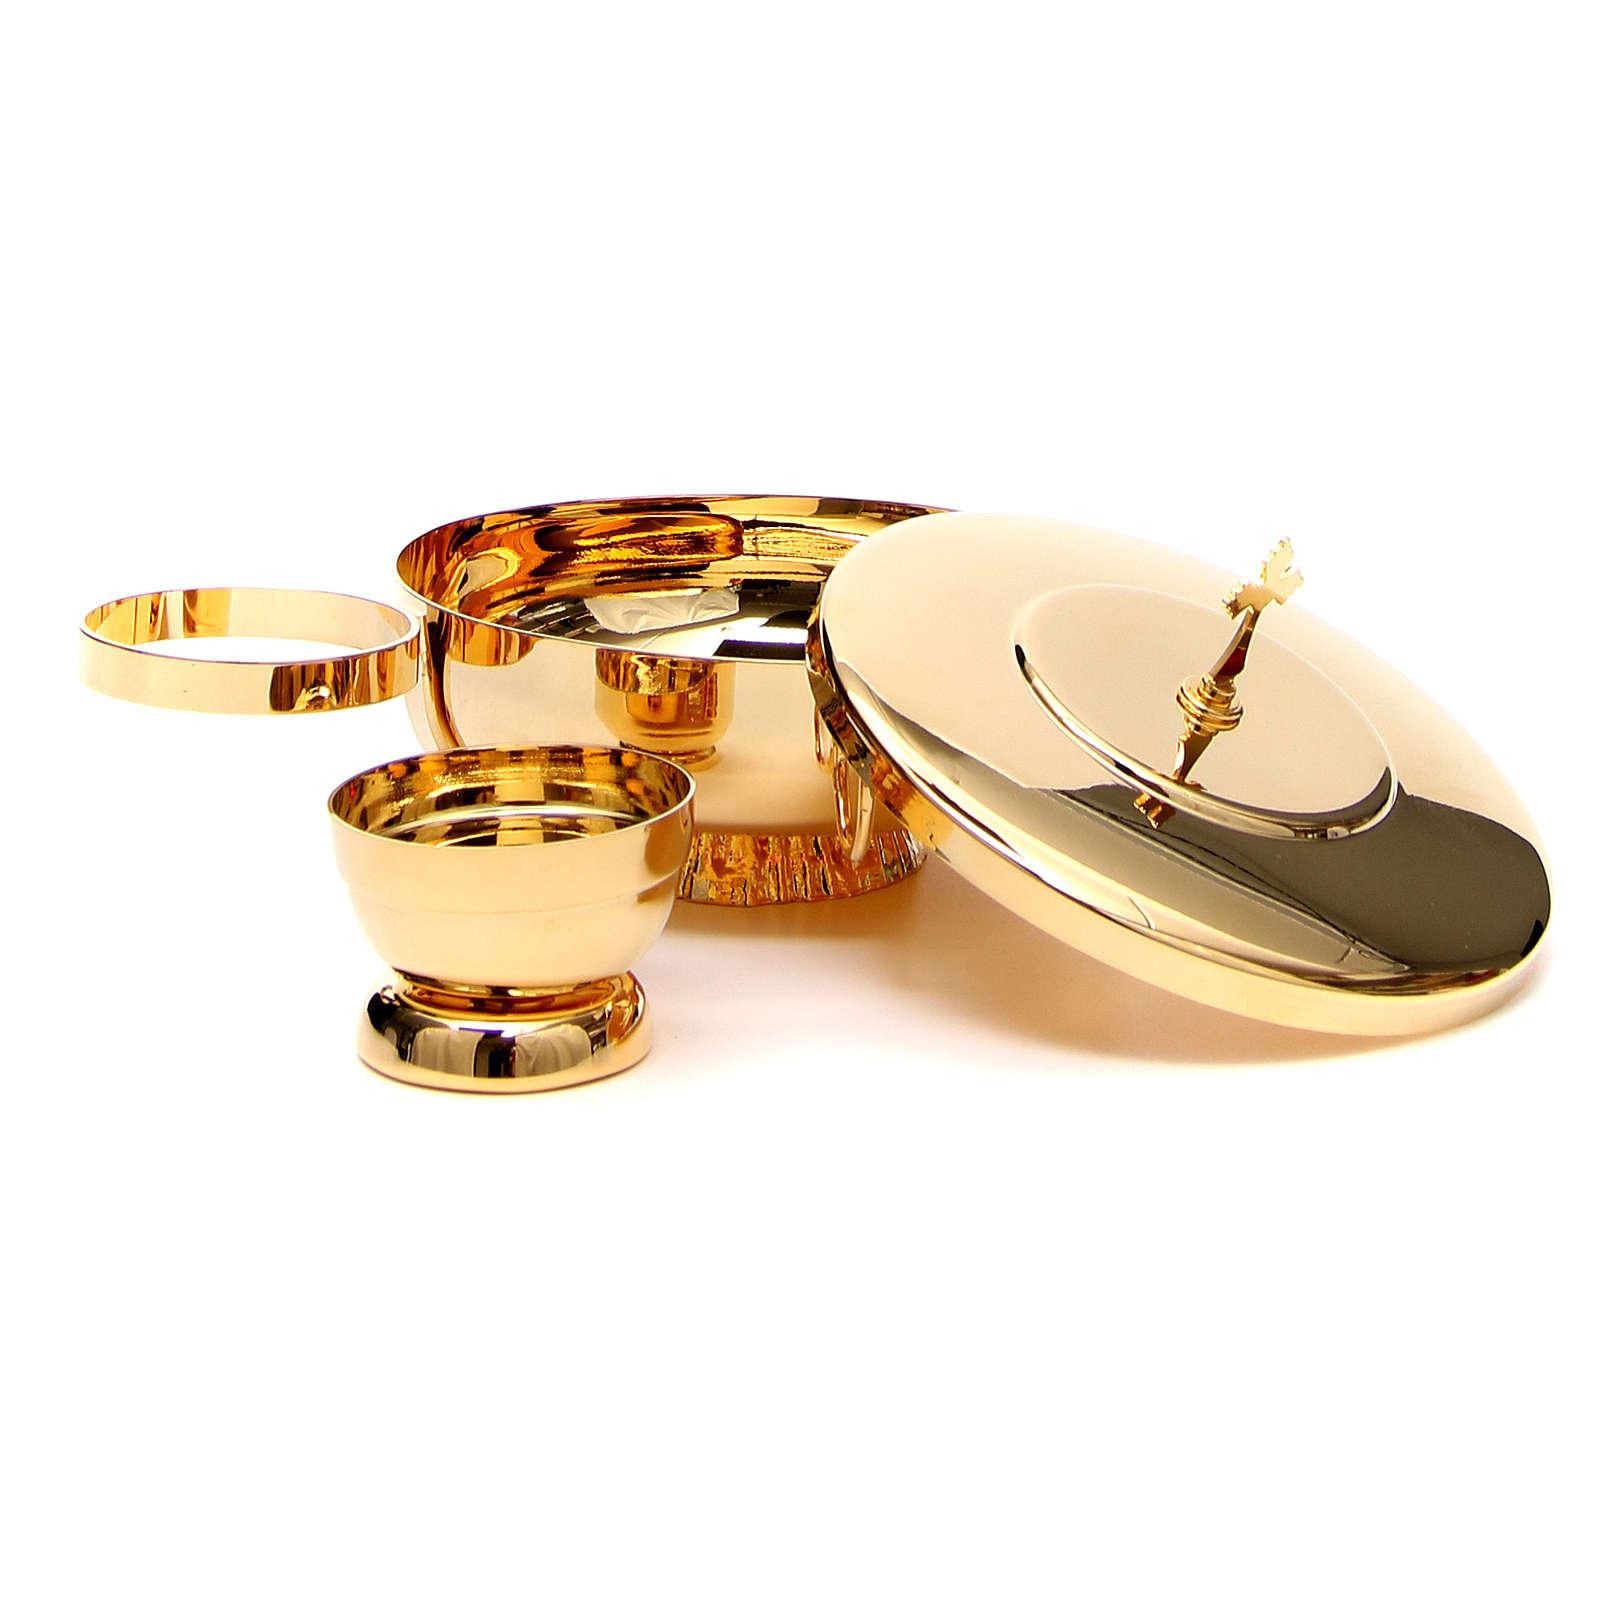 STOCK Completo 2 specie ottone con anello 4